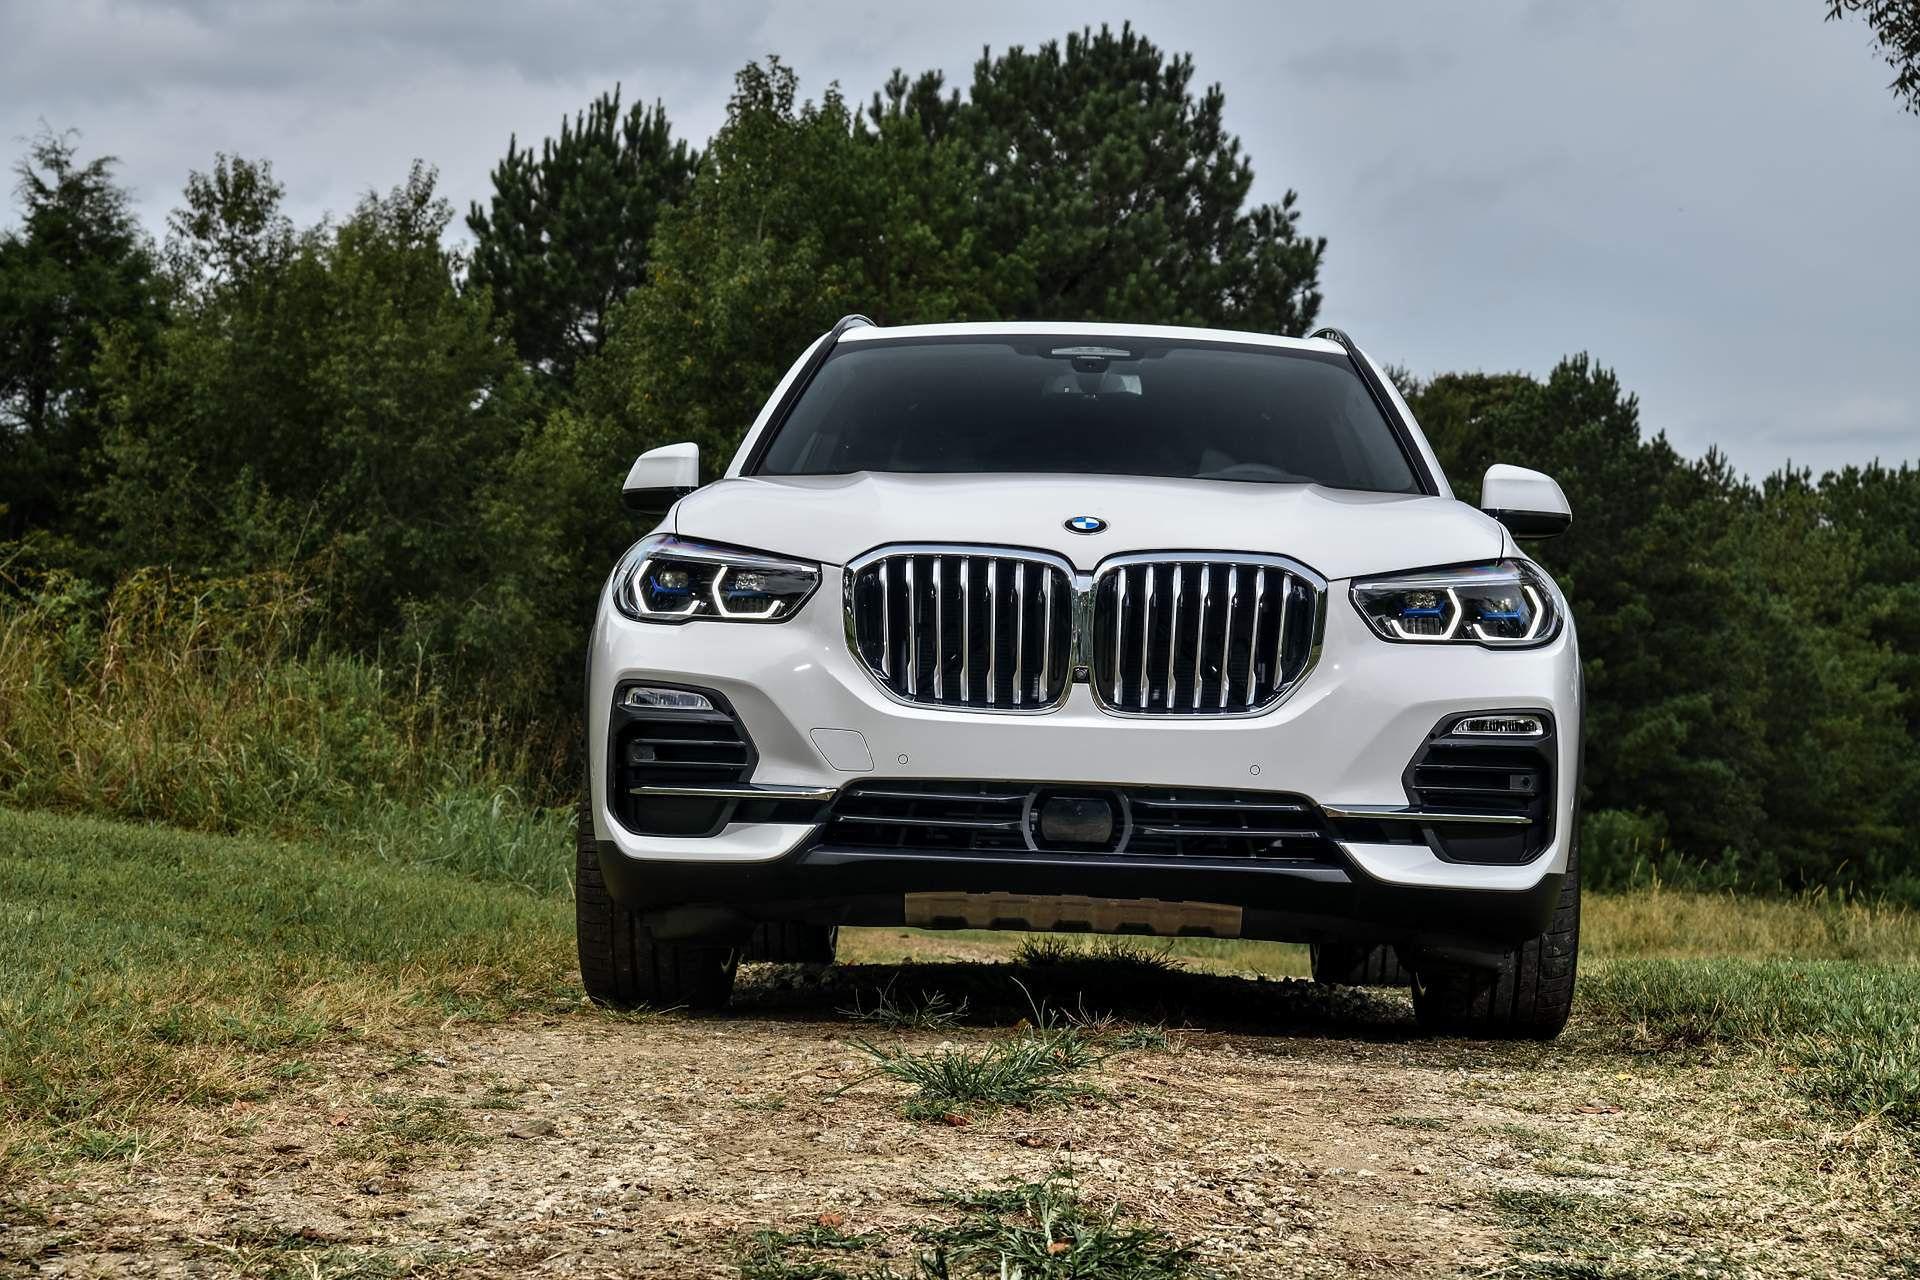 Oficjalne Ceny Nowego Bmw X5 G05 Oferte Otwiera Trzylitrowy Diesel Autokult Pl